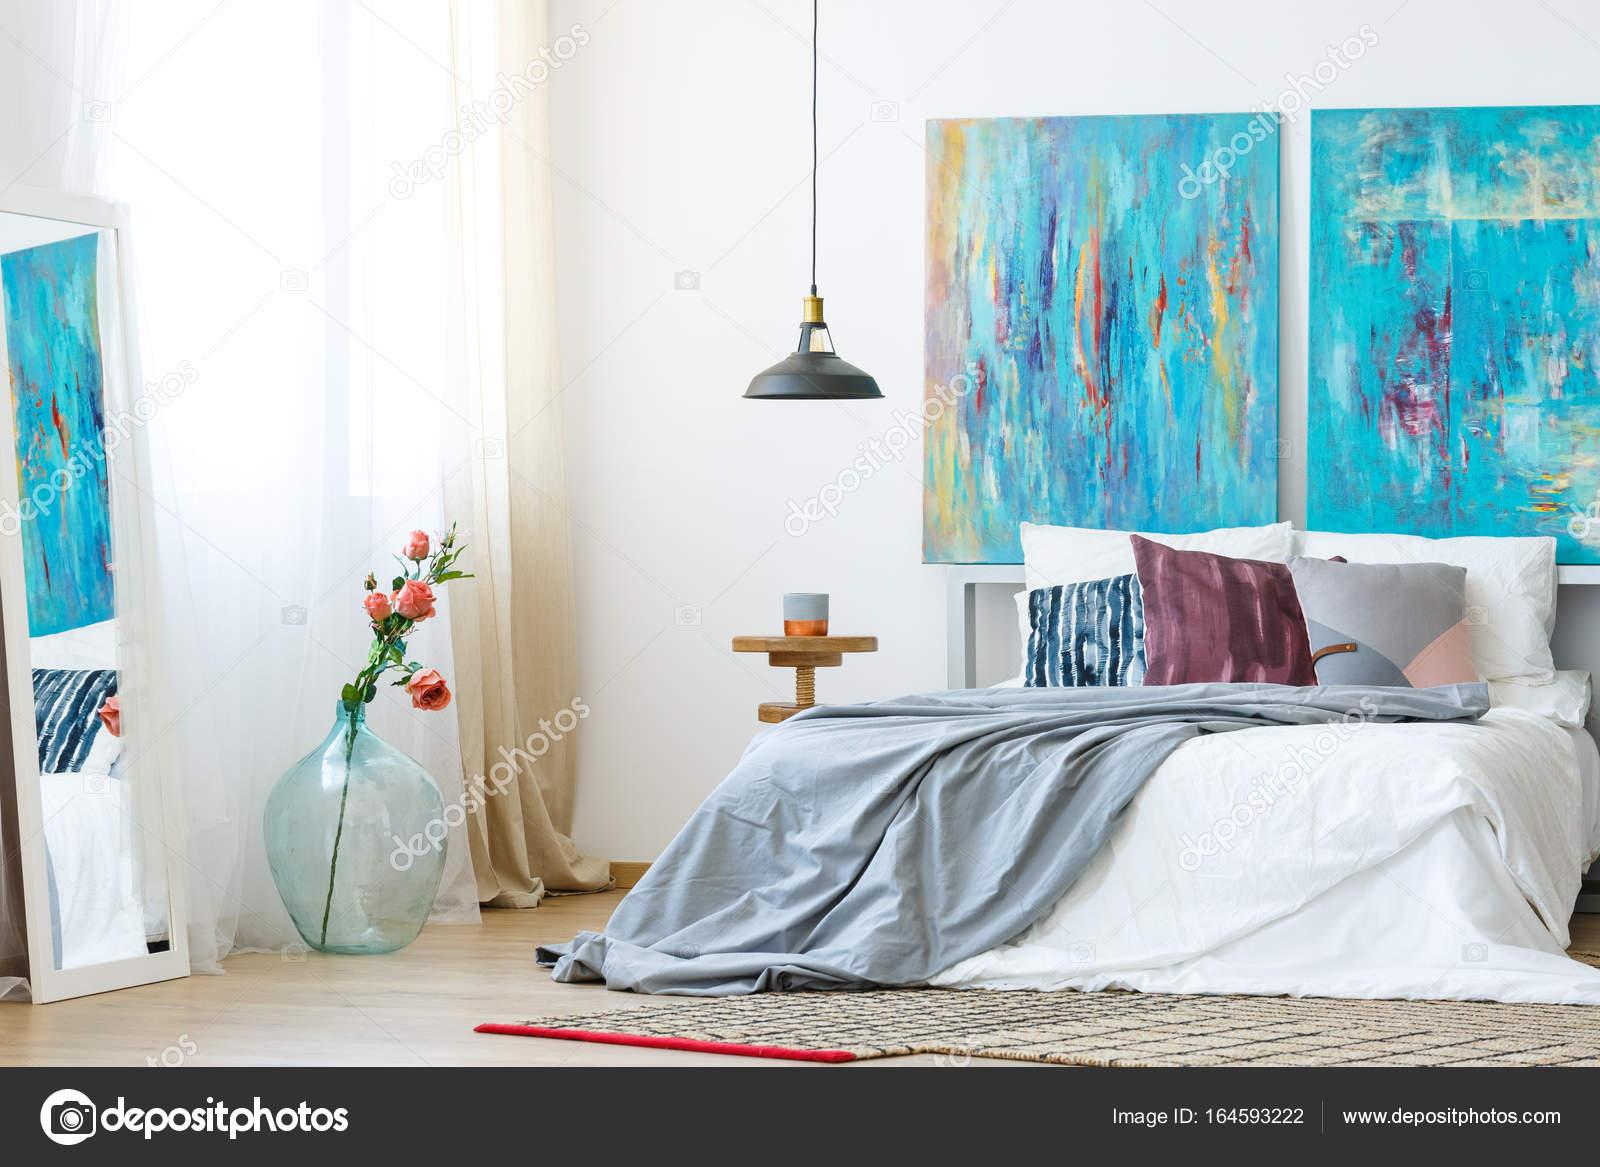 Slaapkamer met diy geschilderd kussens u stockfoto photographee